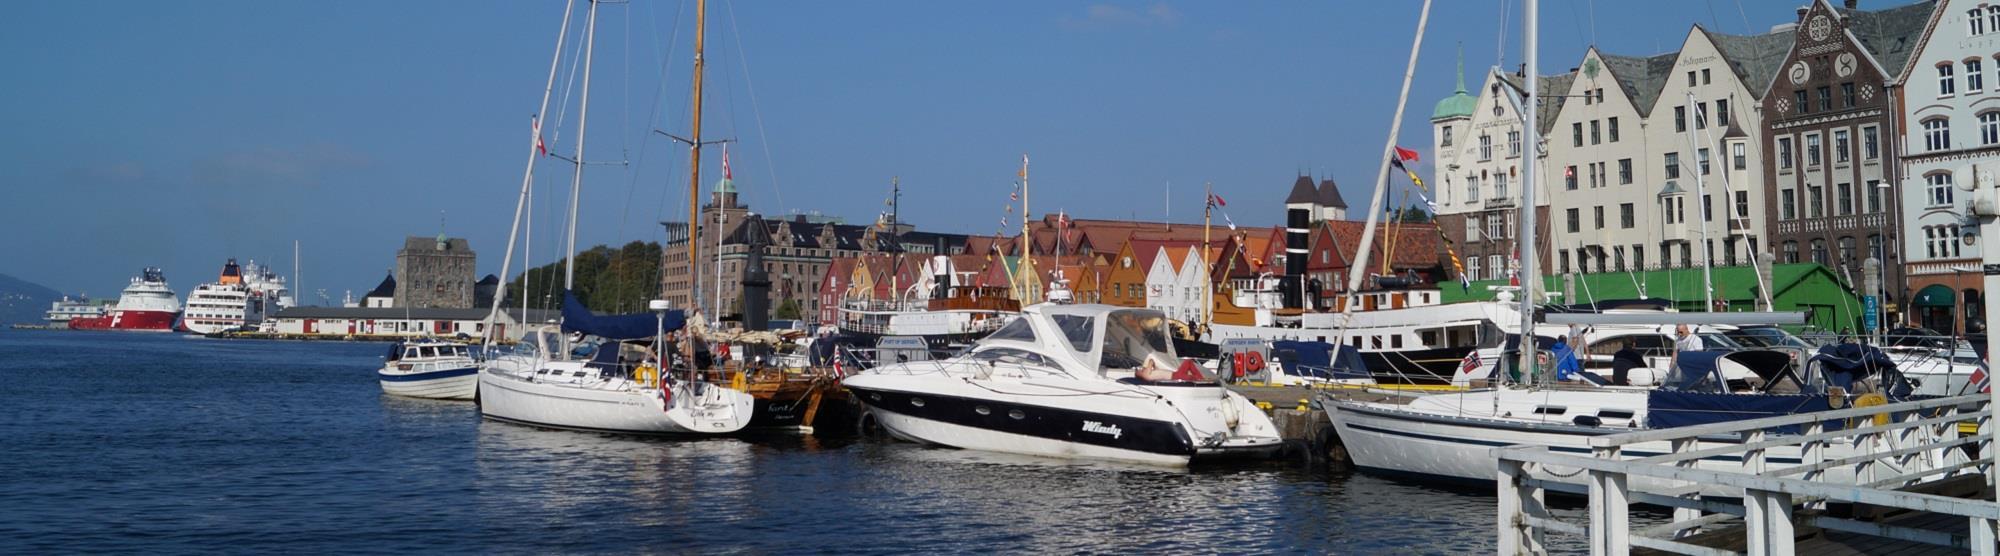 Gjestehavner i Bergen